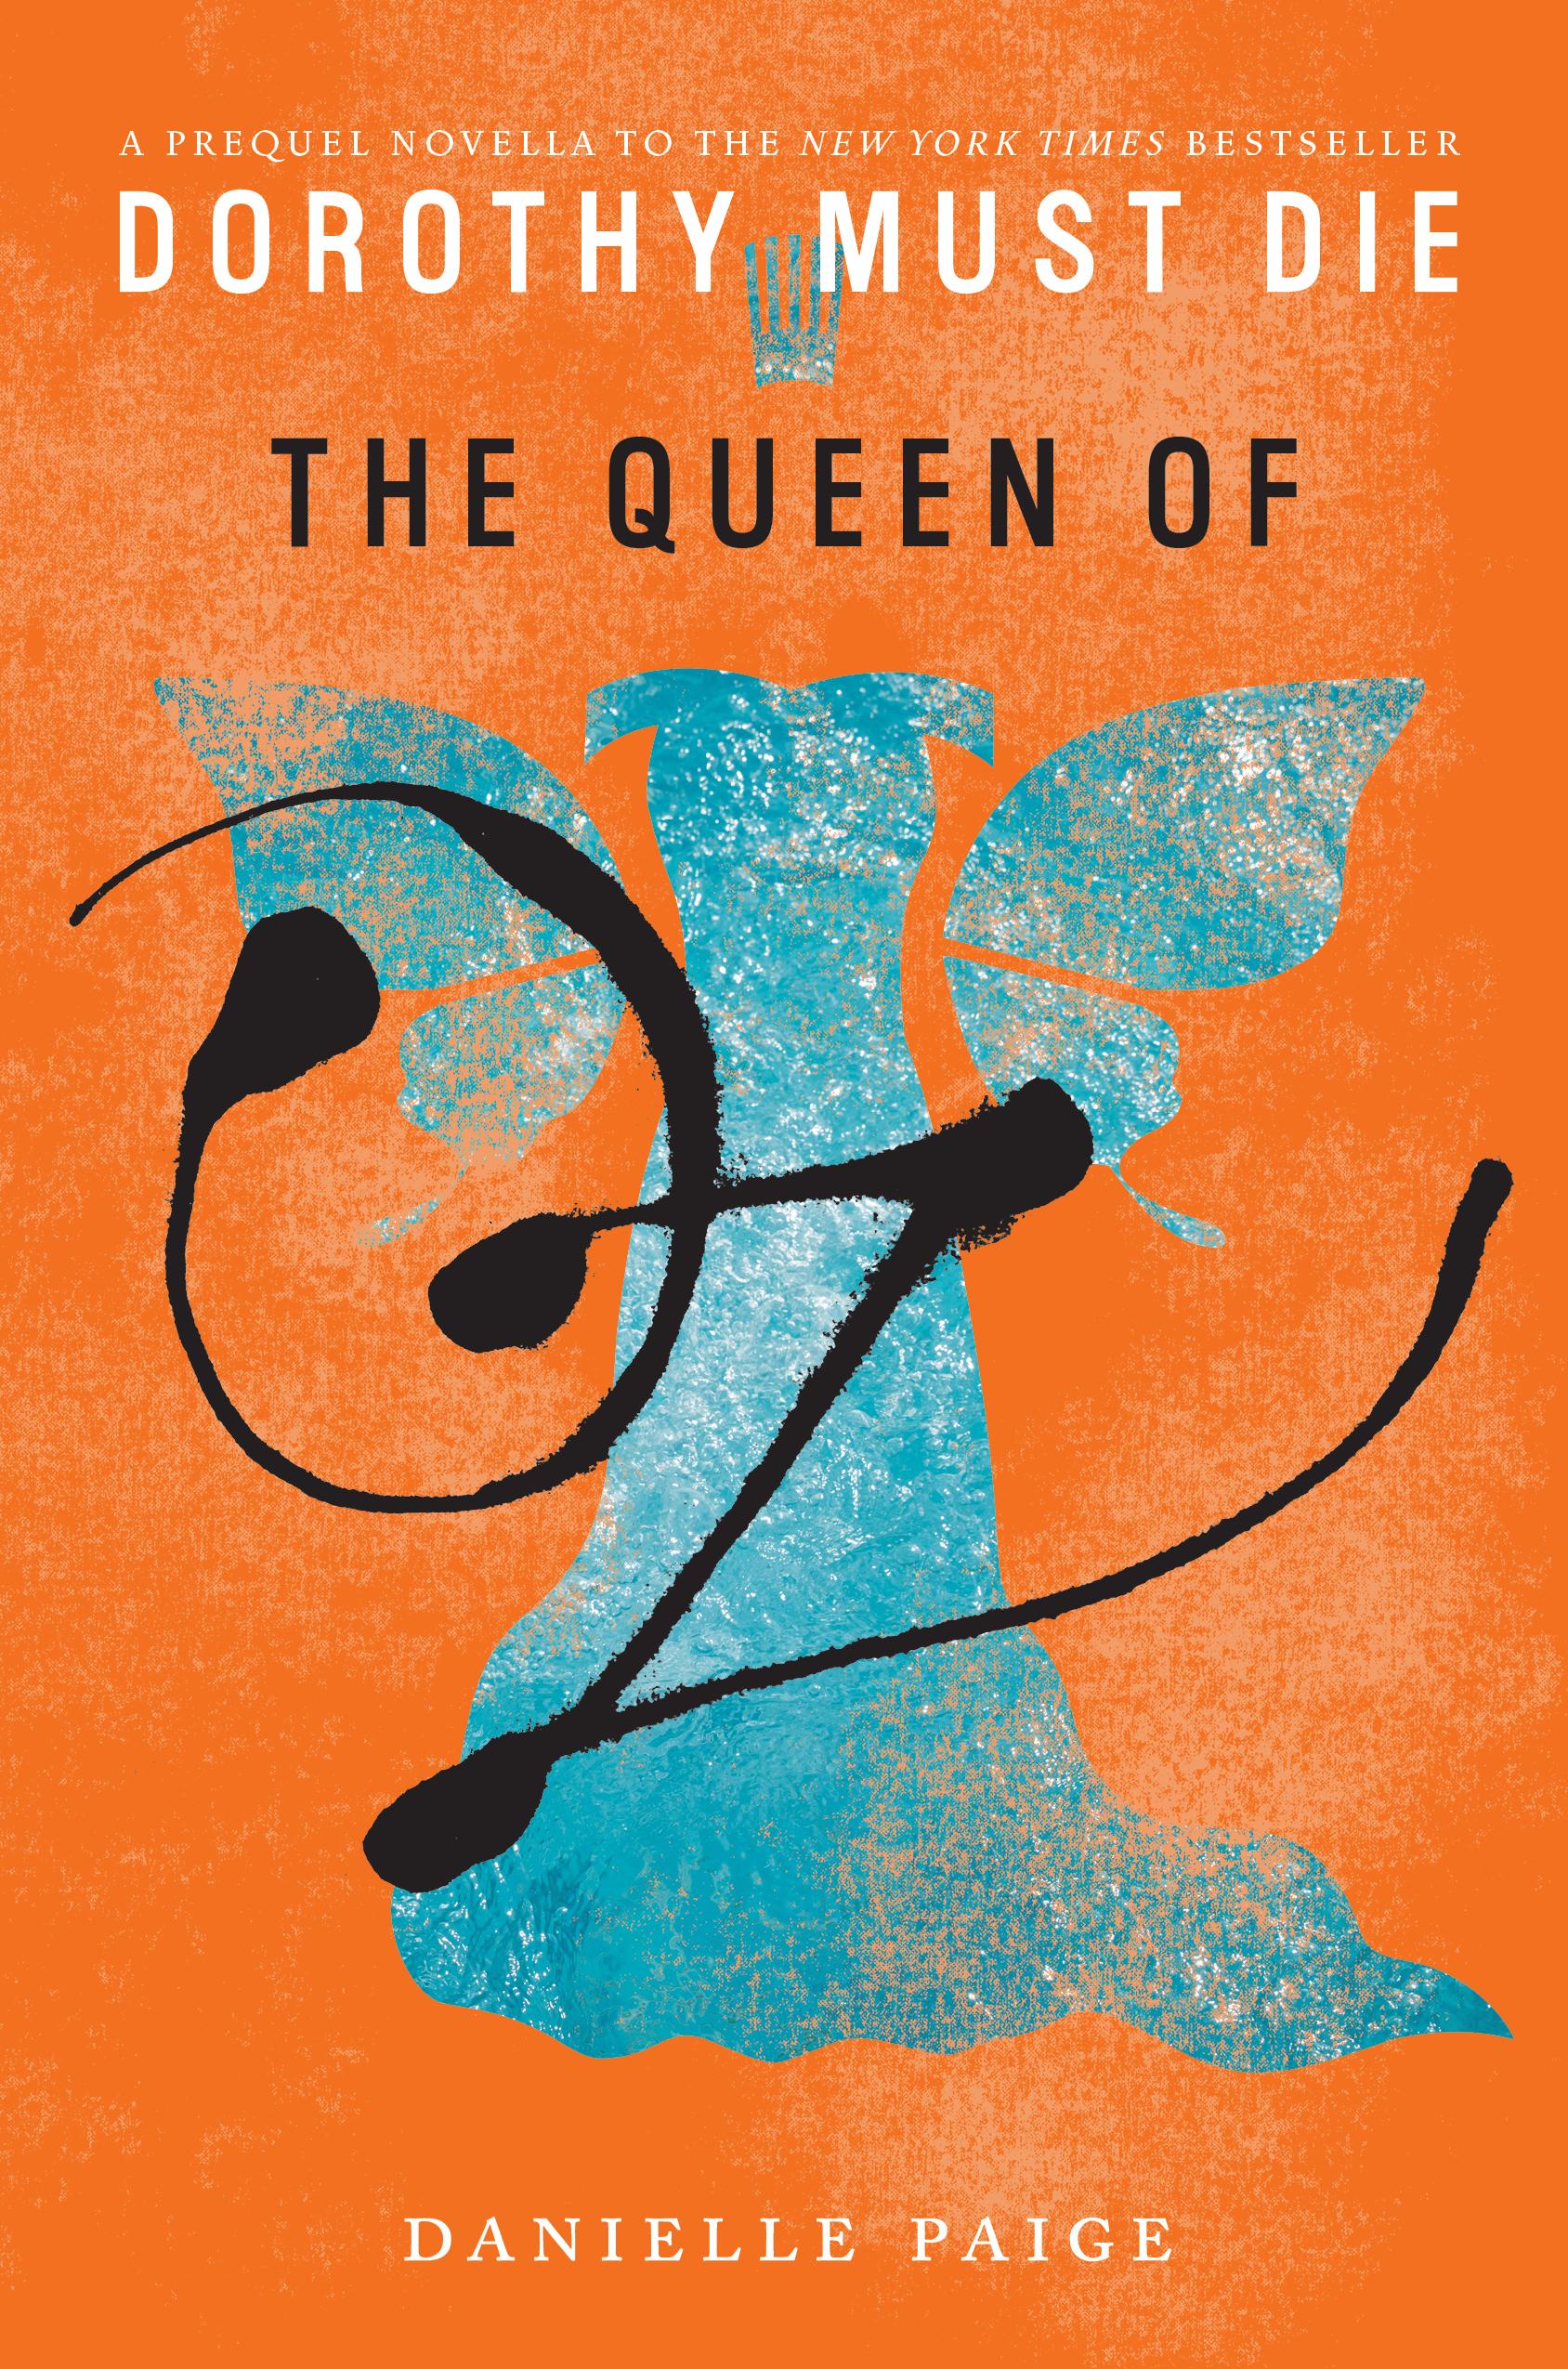 DMD The Queen of Oz Ebook 9 v2 chosen.jpg